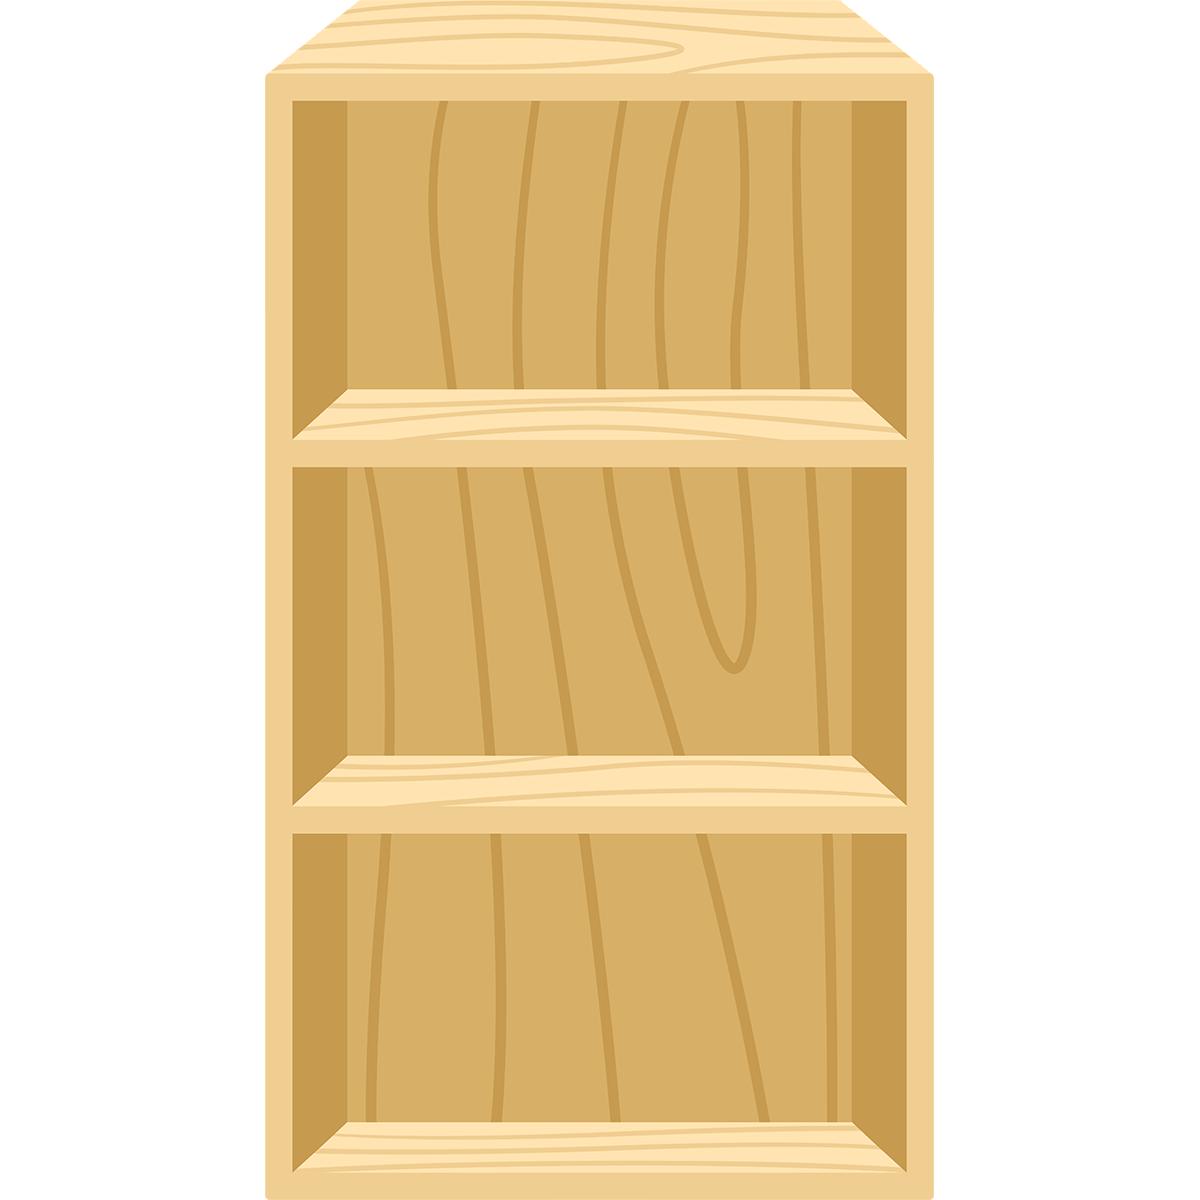 カラーボックスの無料イラスト